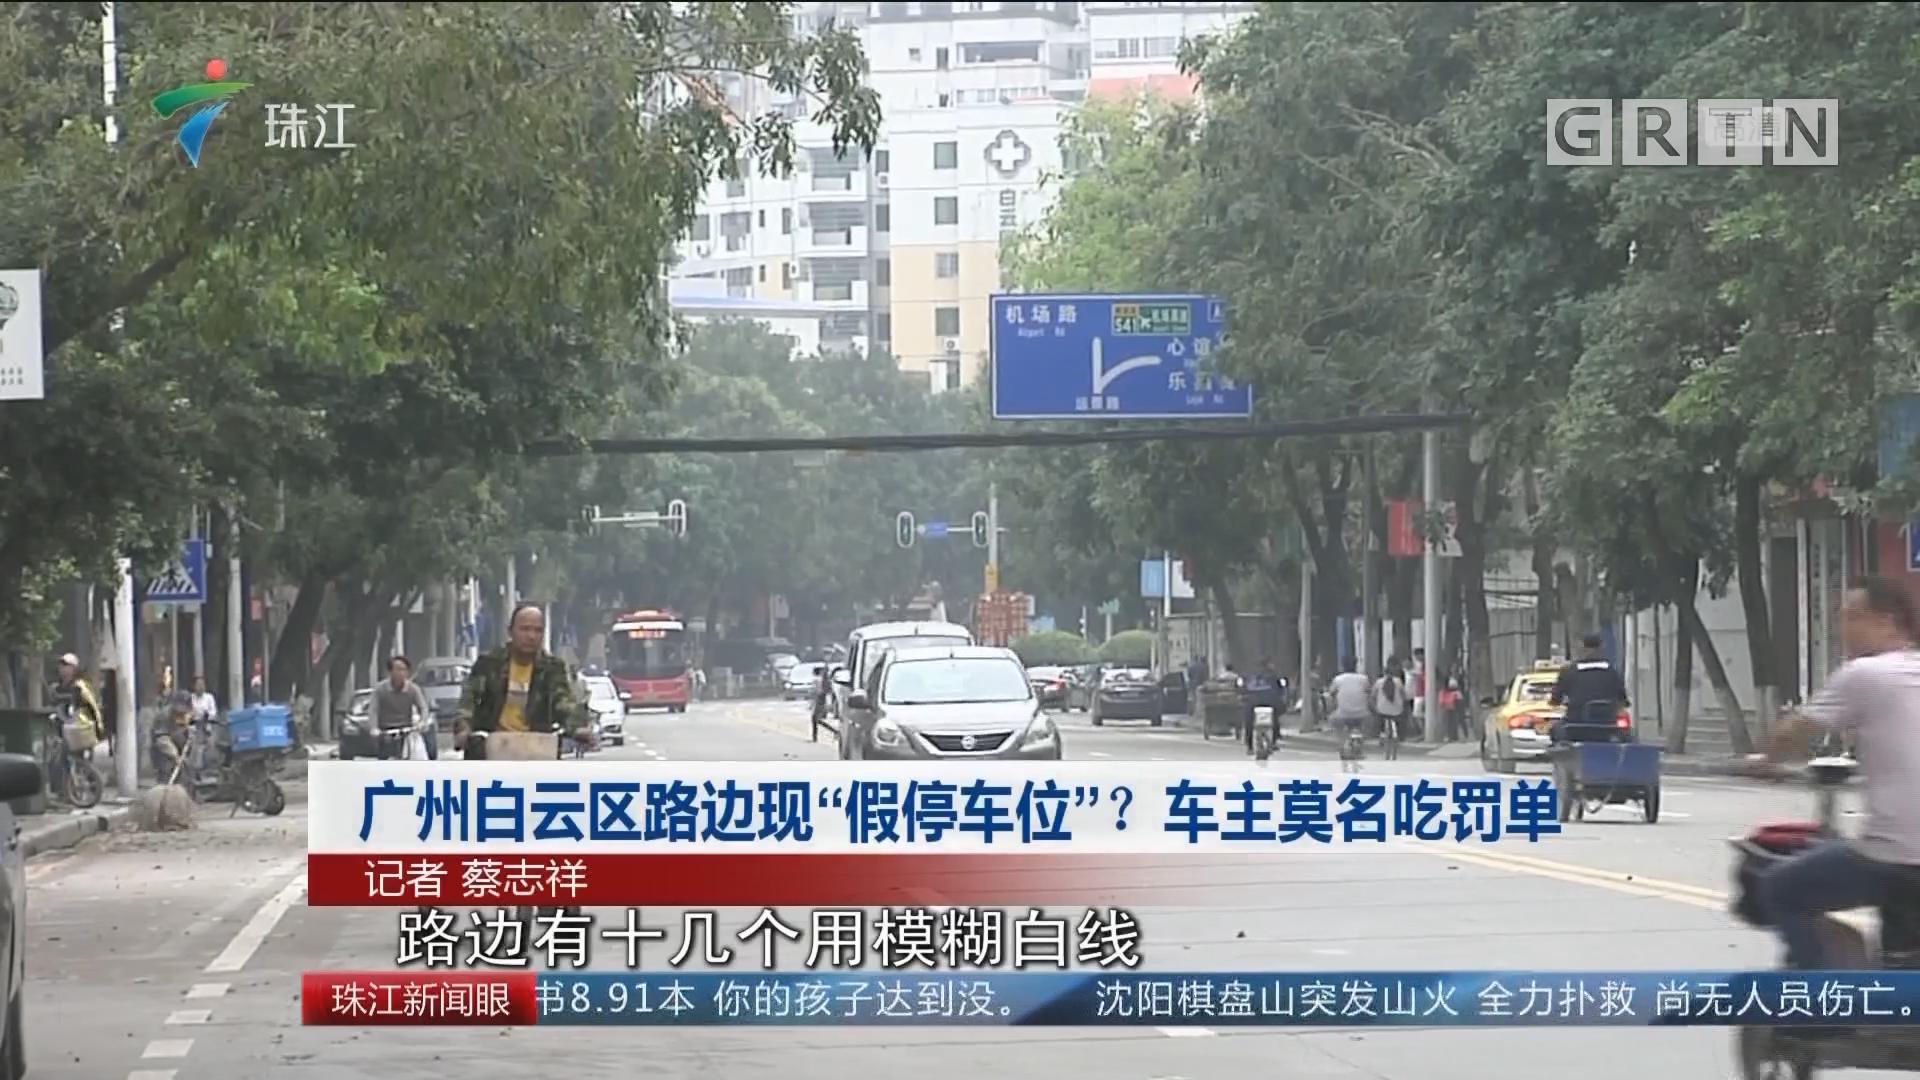 """广州白云区路边现""""假停车位""""? 车主莫名吃罚单"""